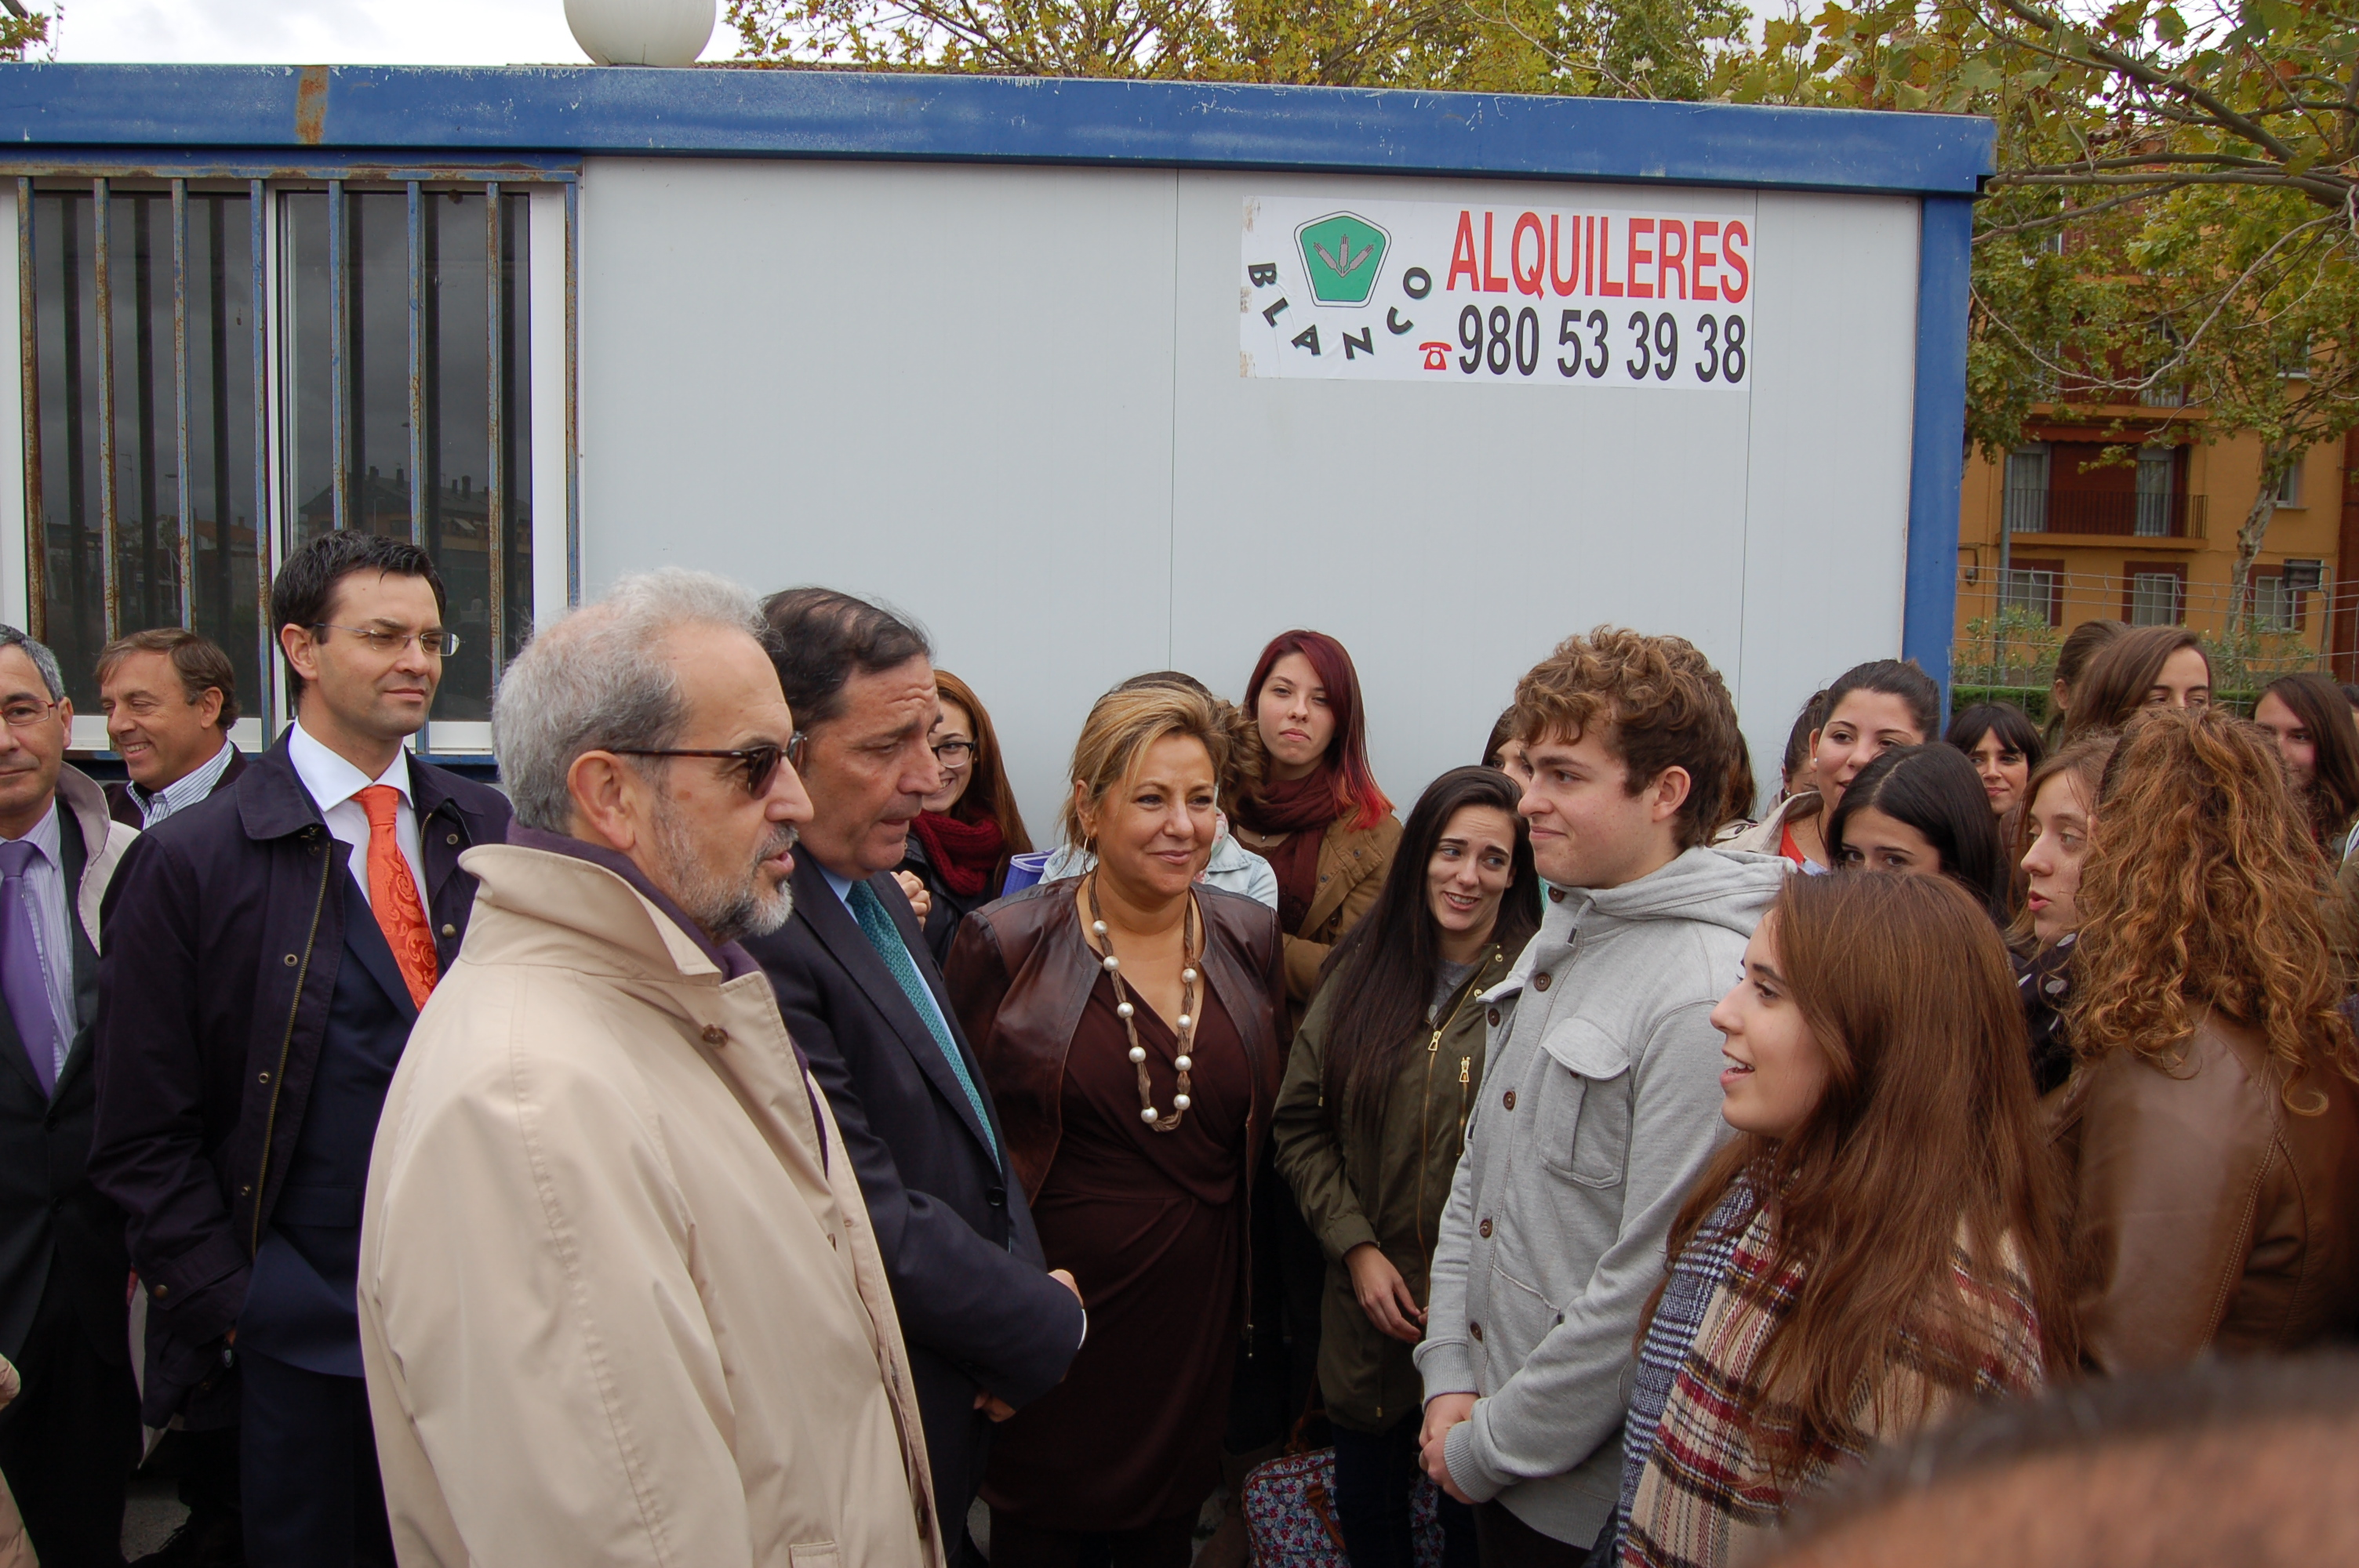 El rector asiste al acto de inicio de obras de la nueva sede de la Escuela Universitaria de Enfermería del Campus Viriato